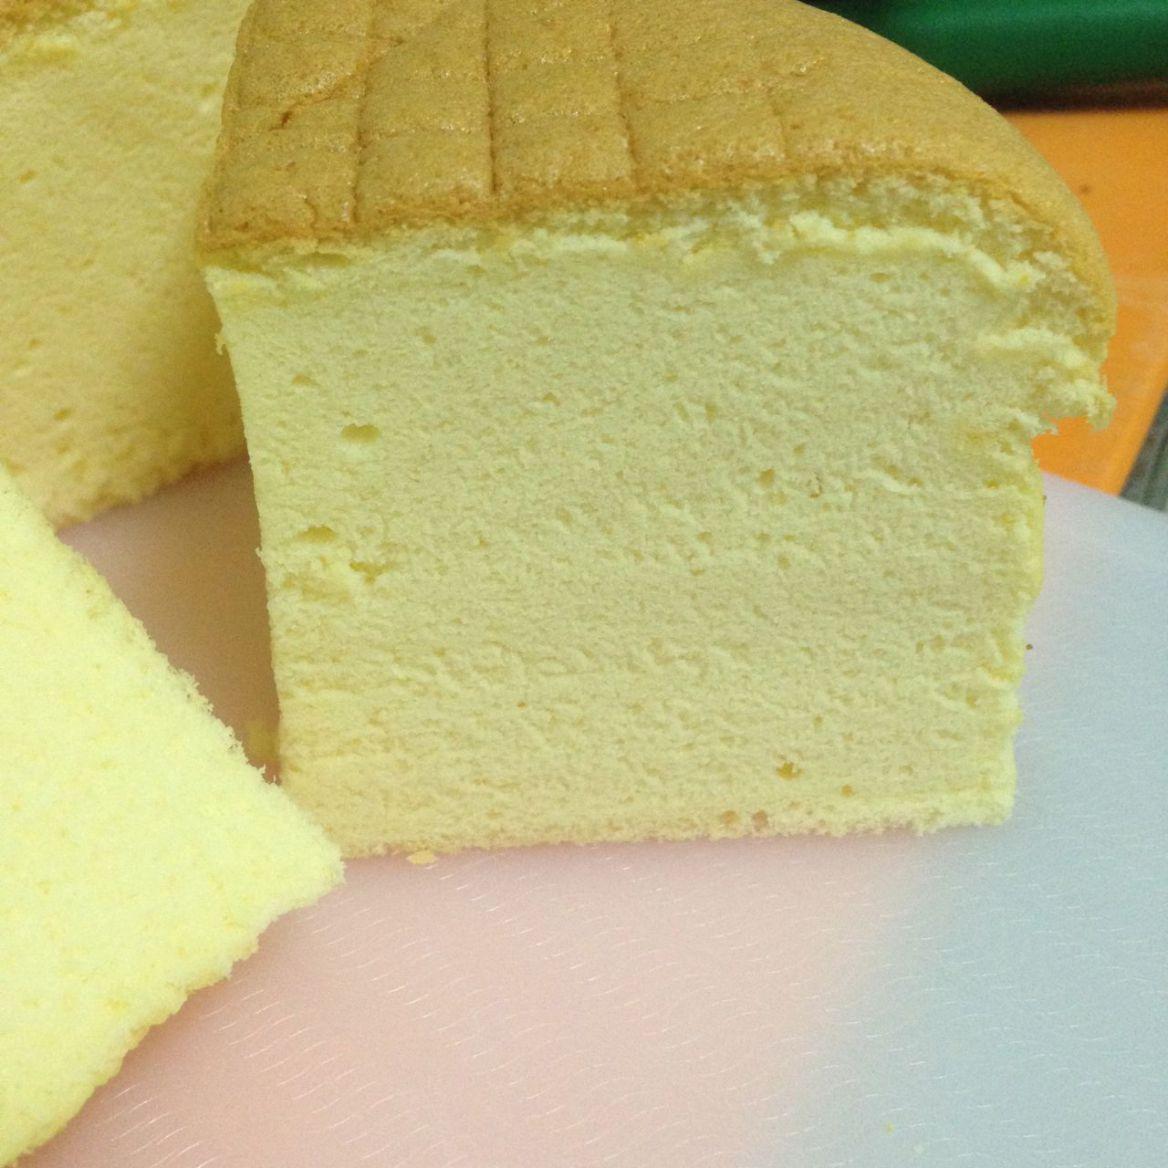 Img 9003 Condensed Milk Recipes Milk Recipes Cake Recipes